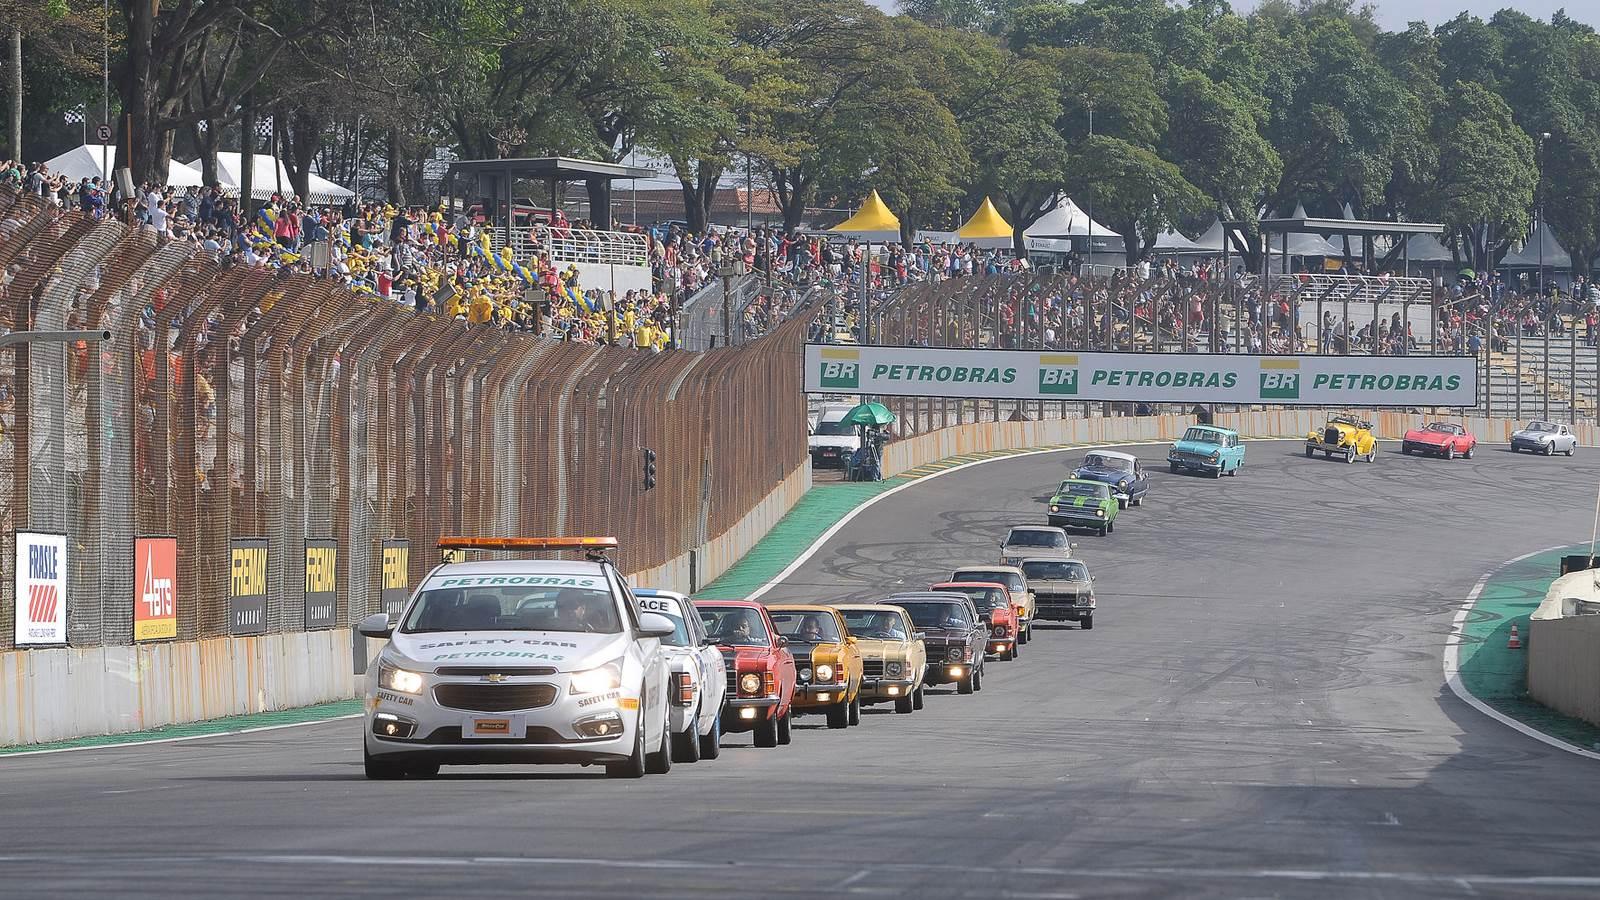 Stock Car e Clube do Opala de São Paulo - Desfile e Exposição de Opalas em Interlagos - Prova do Milhão realizada em 11/09/2016